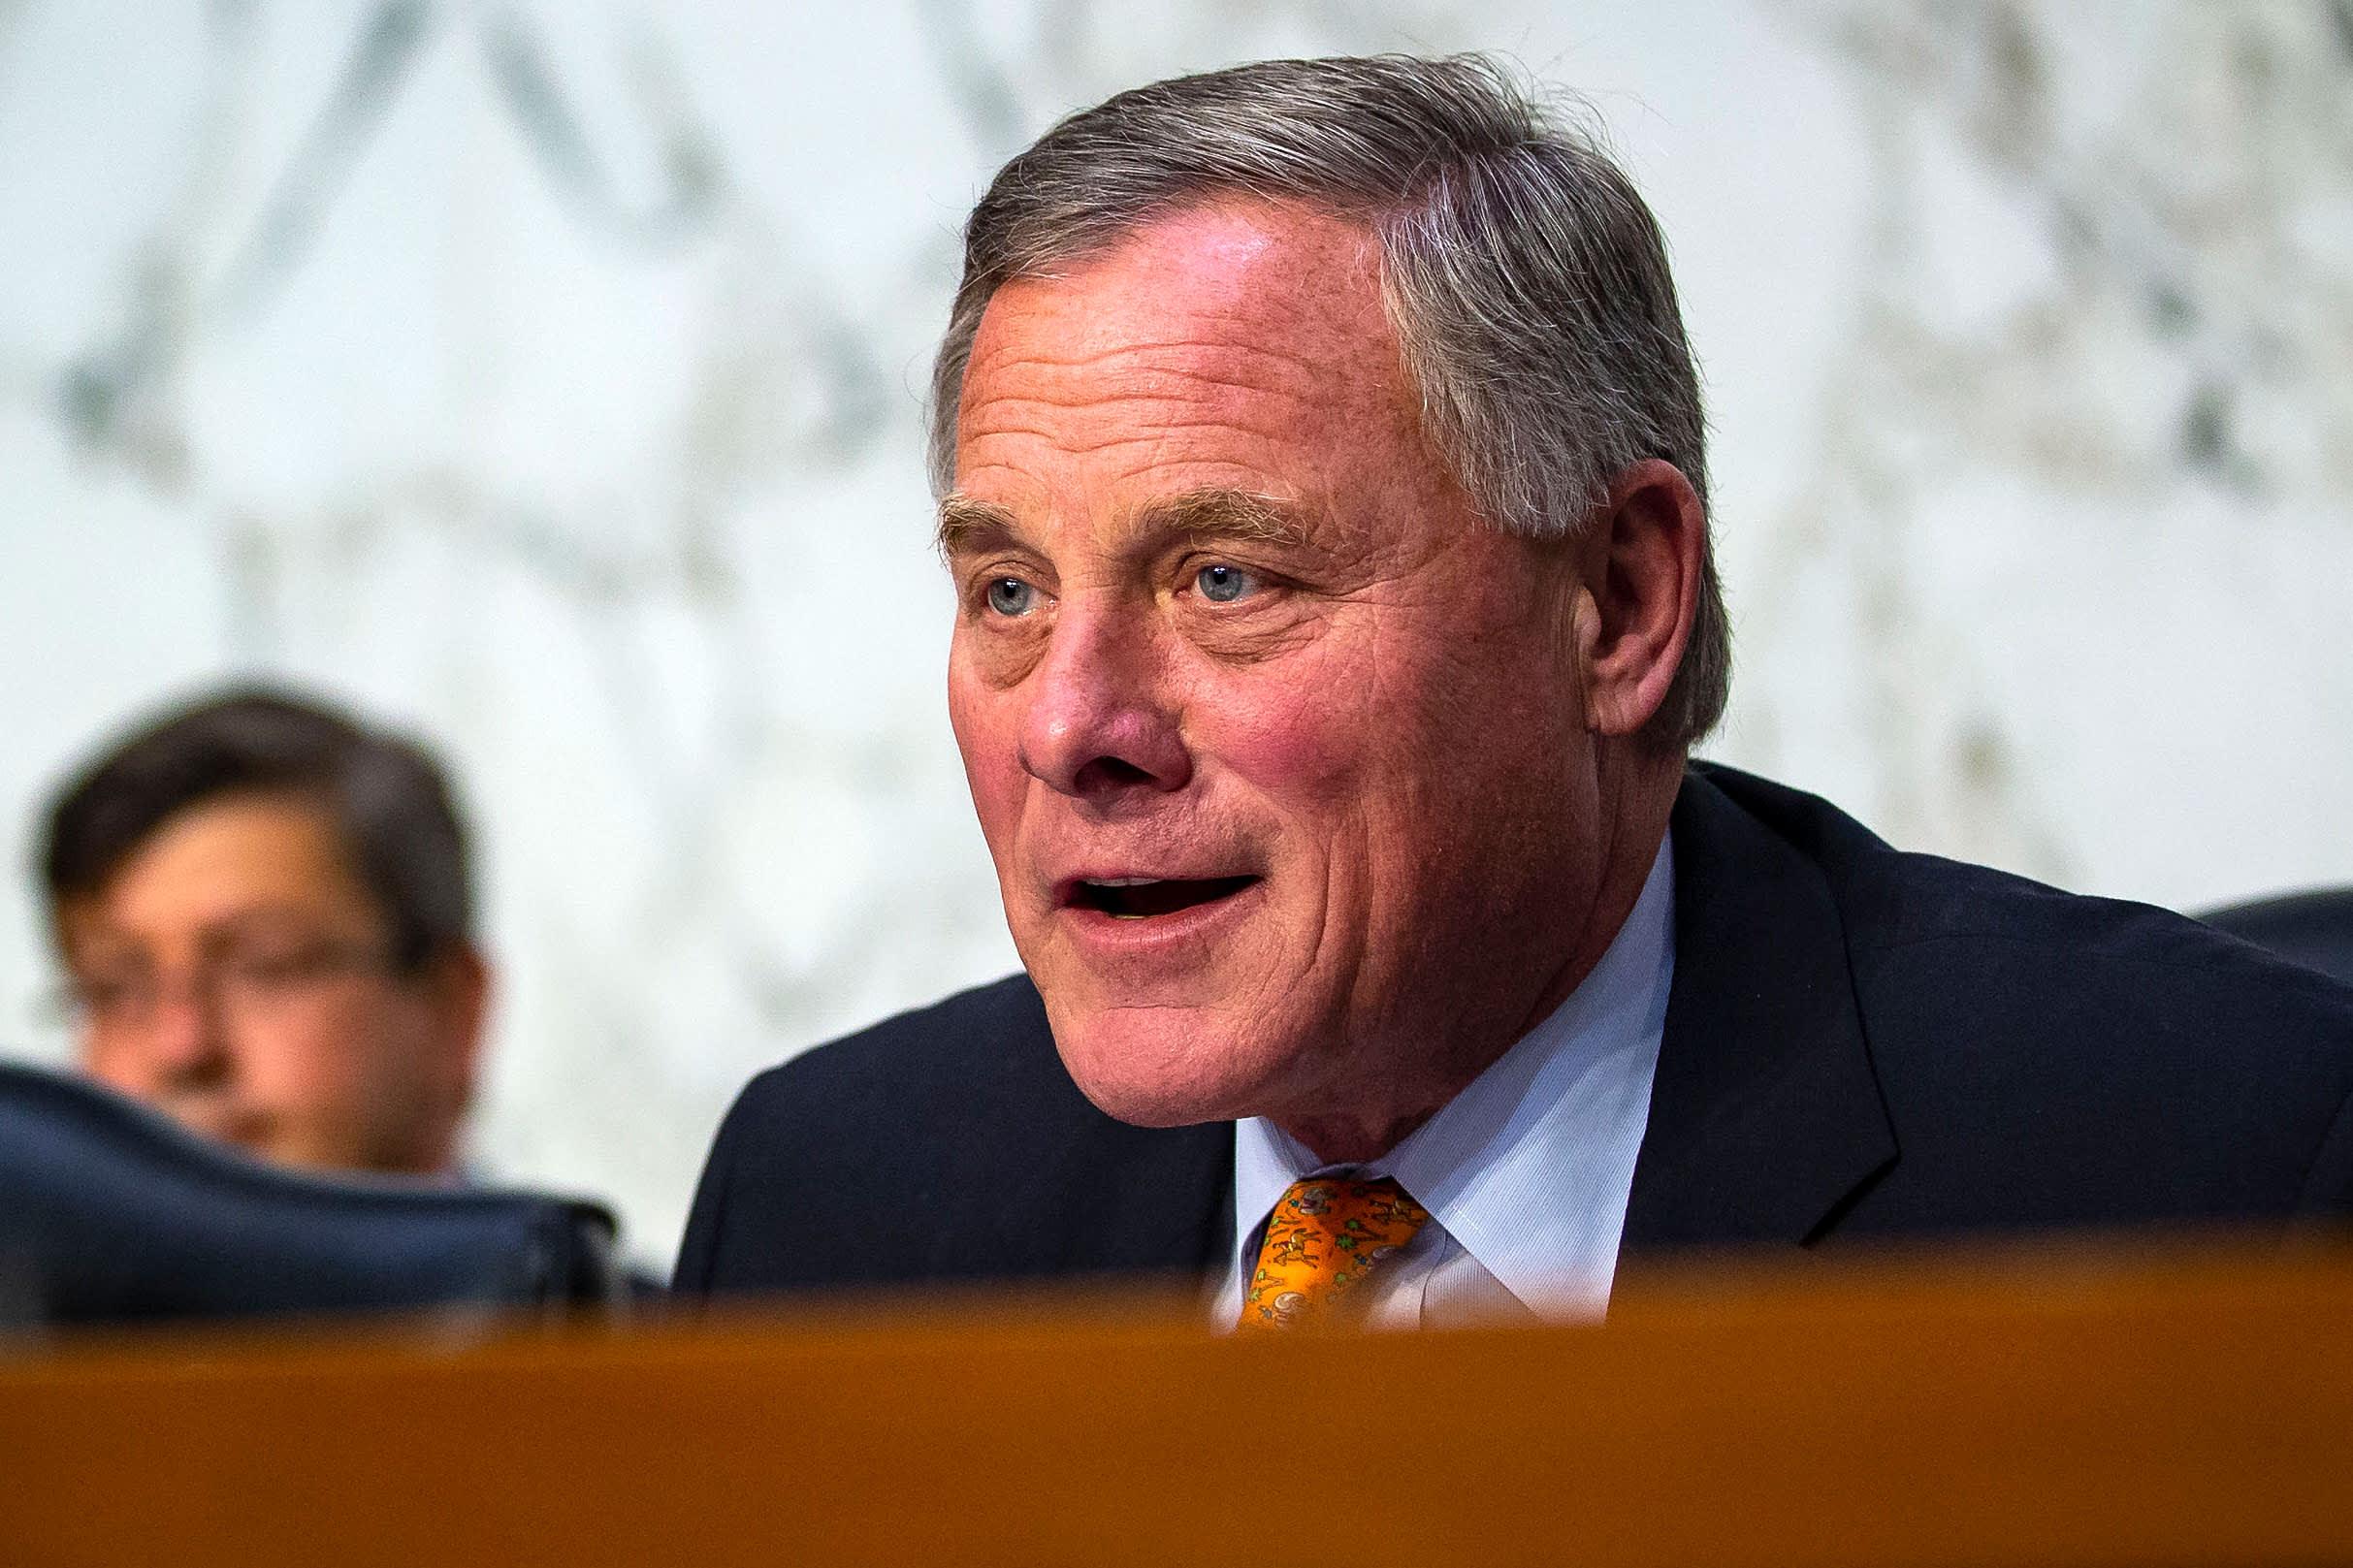 Coronavirus- Justice Department investigates lawmaker's stock trades